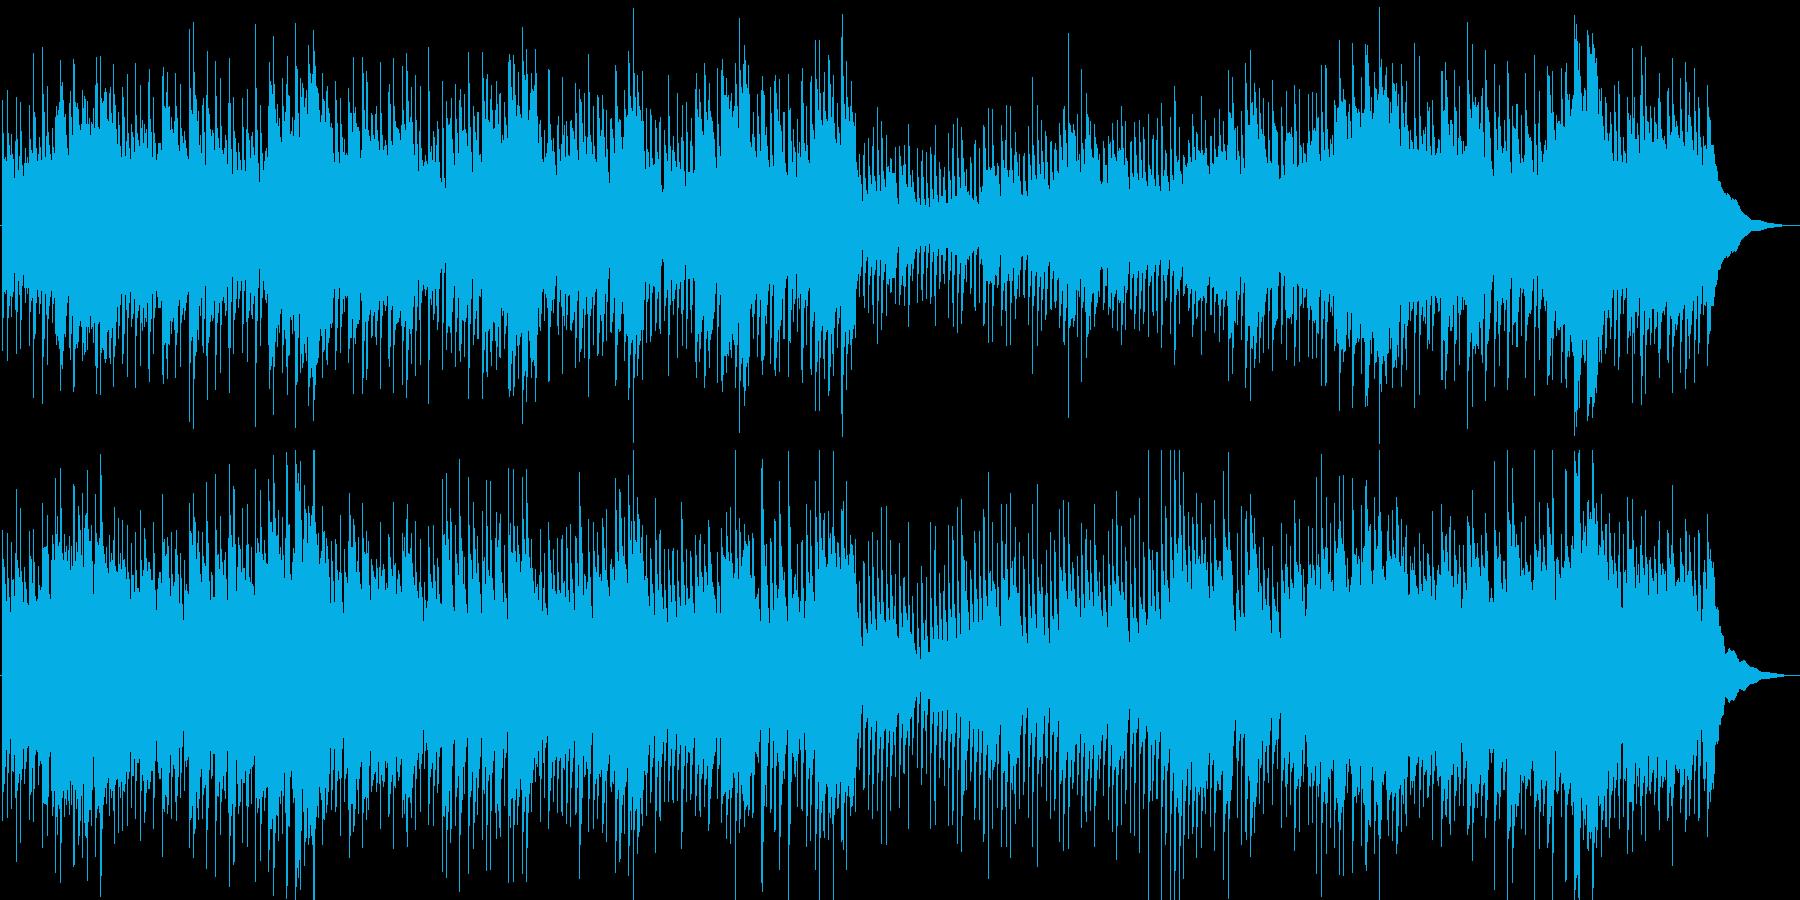 切ない・幻想・ロマンチック・ギター・映像の再生済みの波形